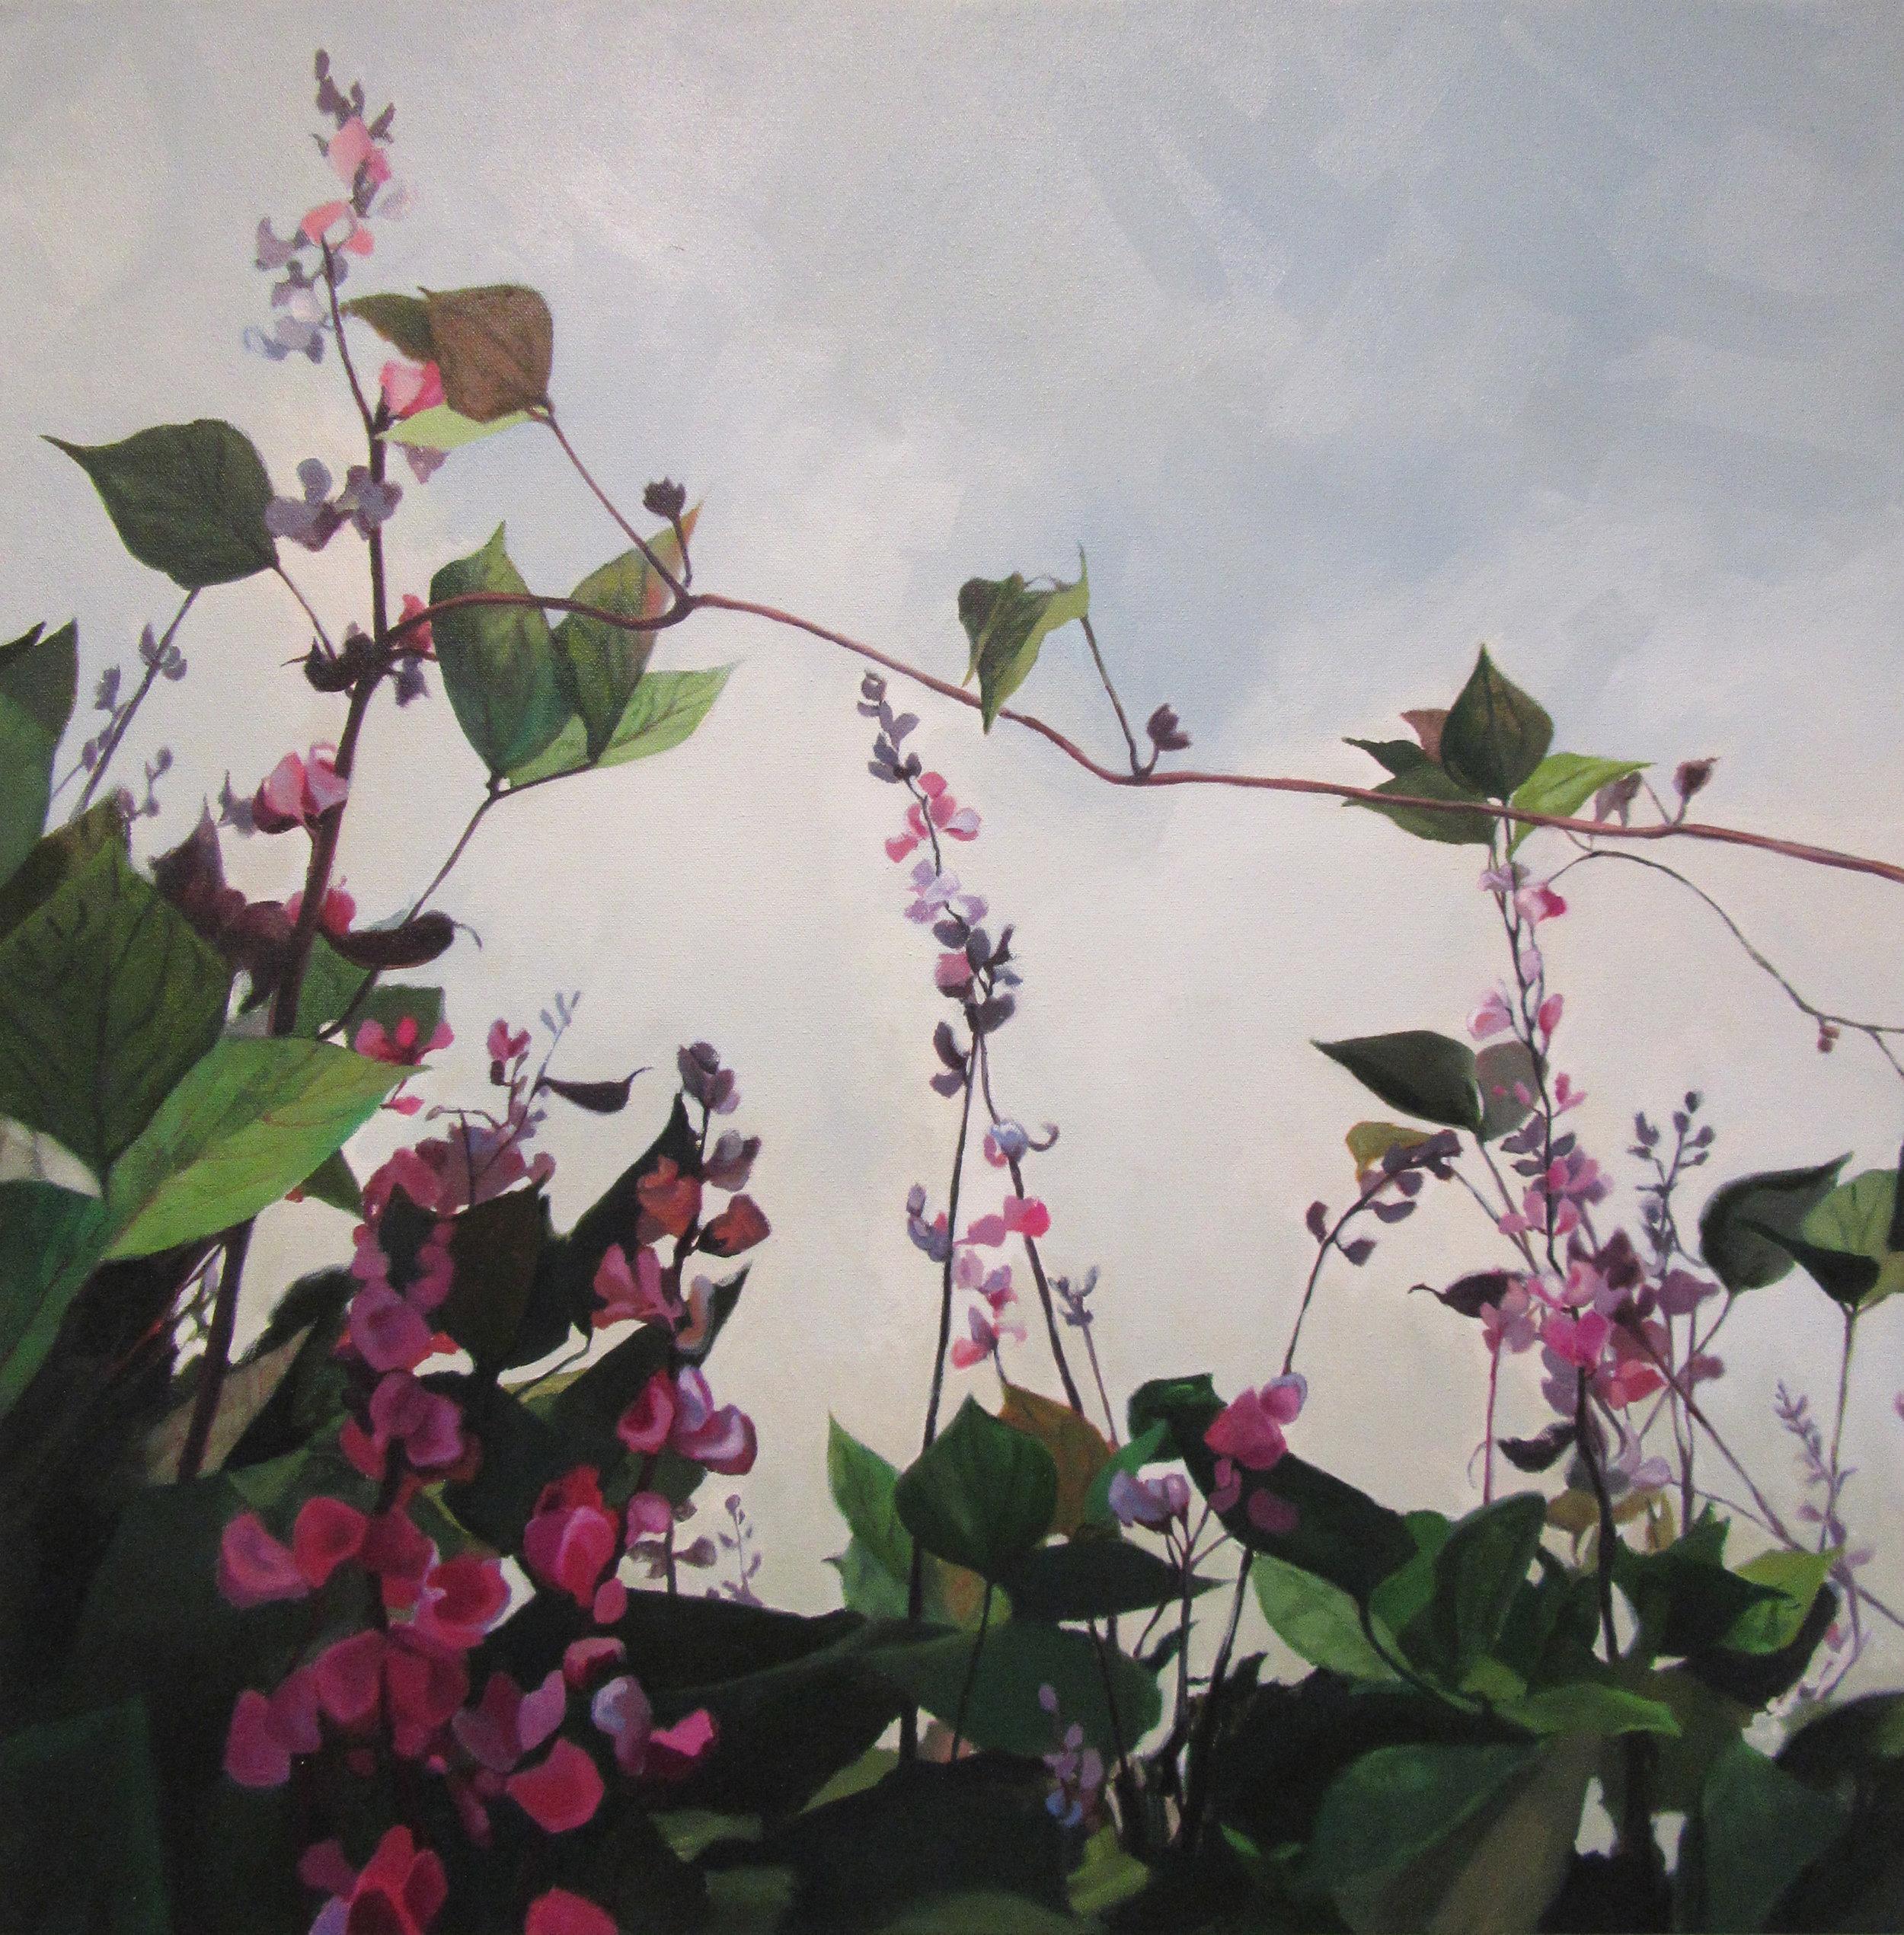 Hyacinth Bean Vine2